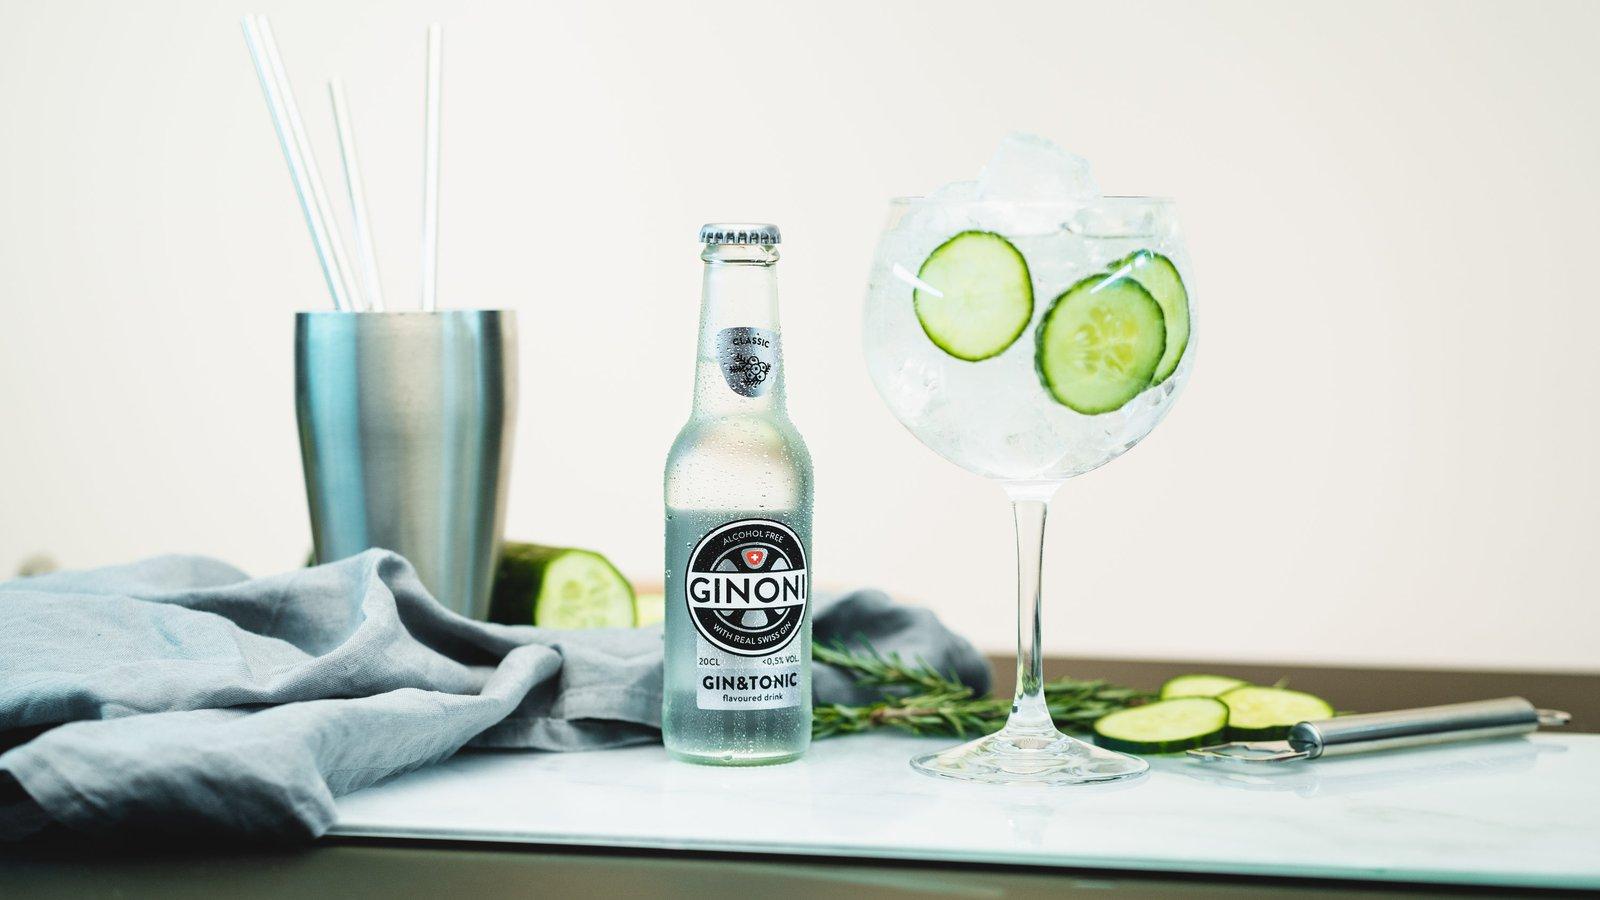 Neues Trend-Getränk aus Willisau: der alkoholfreie Gin Tonic «GINONI»